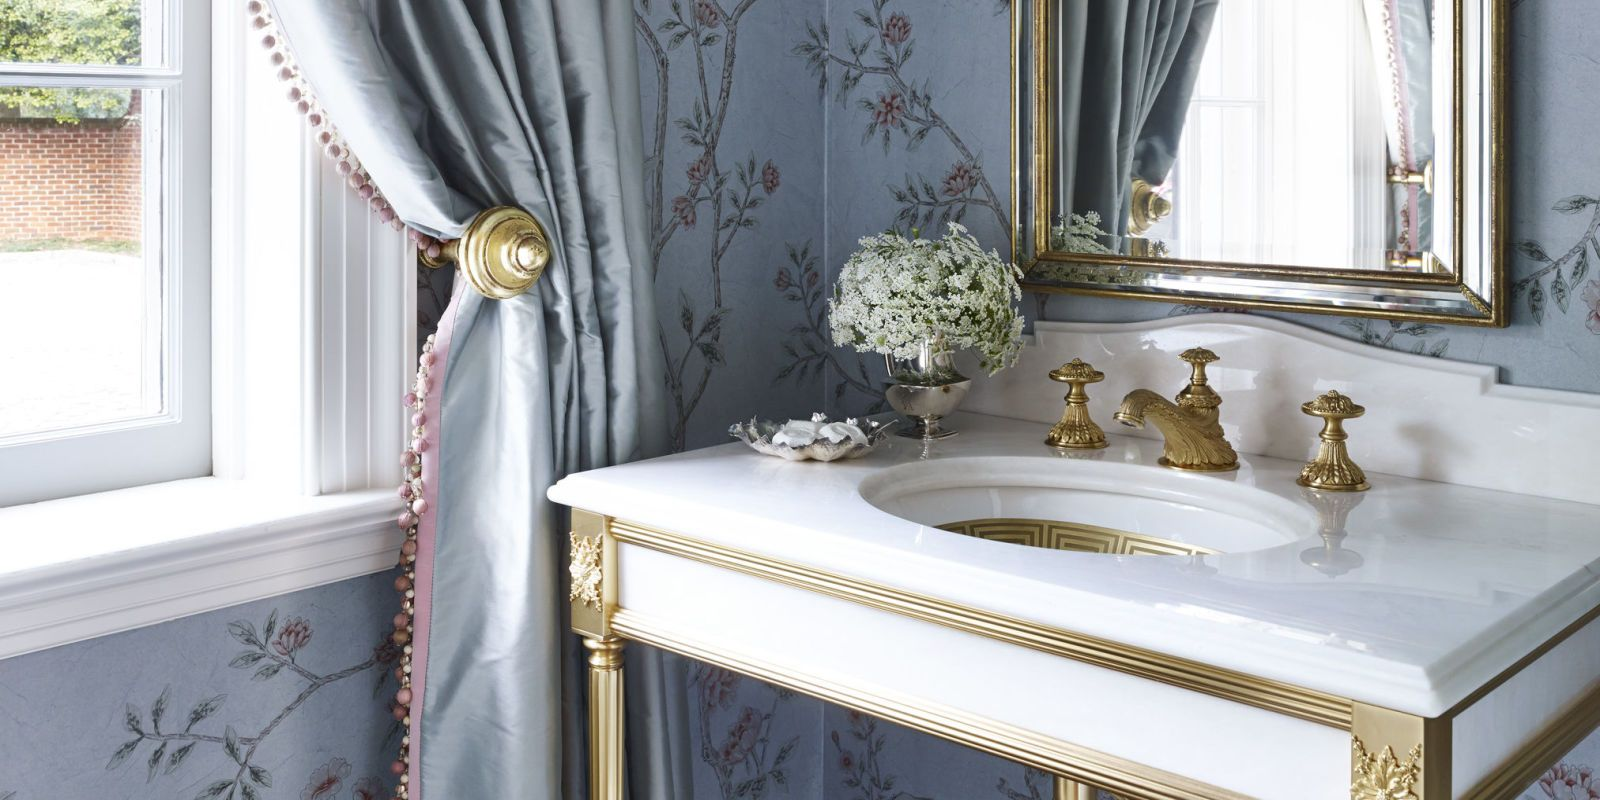 35 Best Small Bathroom Ideas - Tiny Bathroom Designs on Small Space Small Bathroom Ideas Uk id=83231